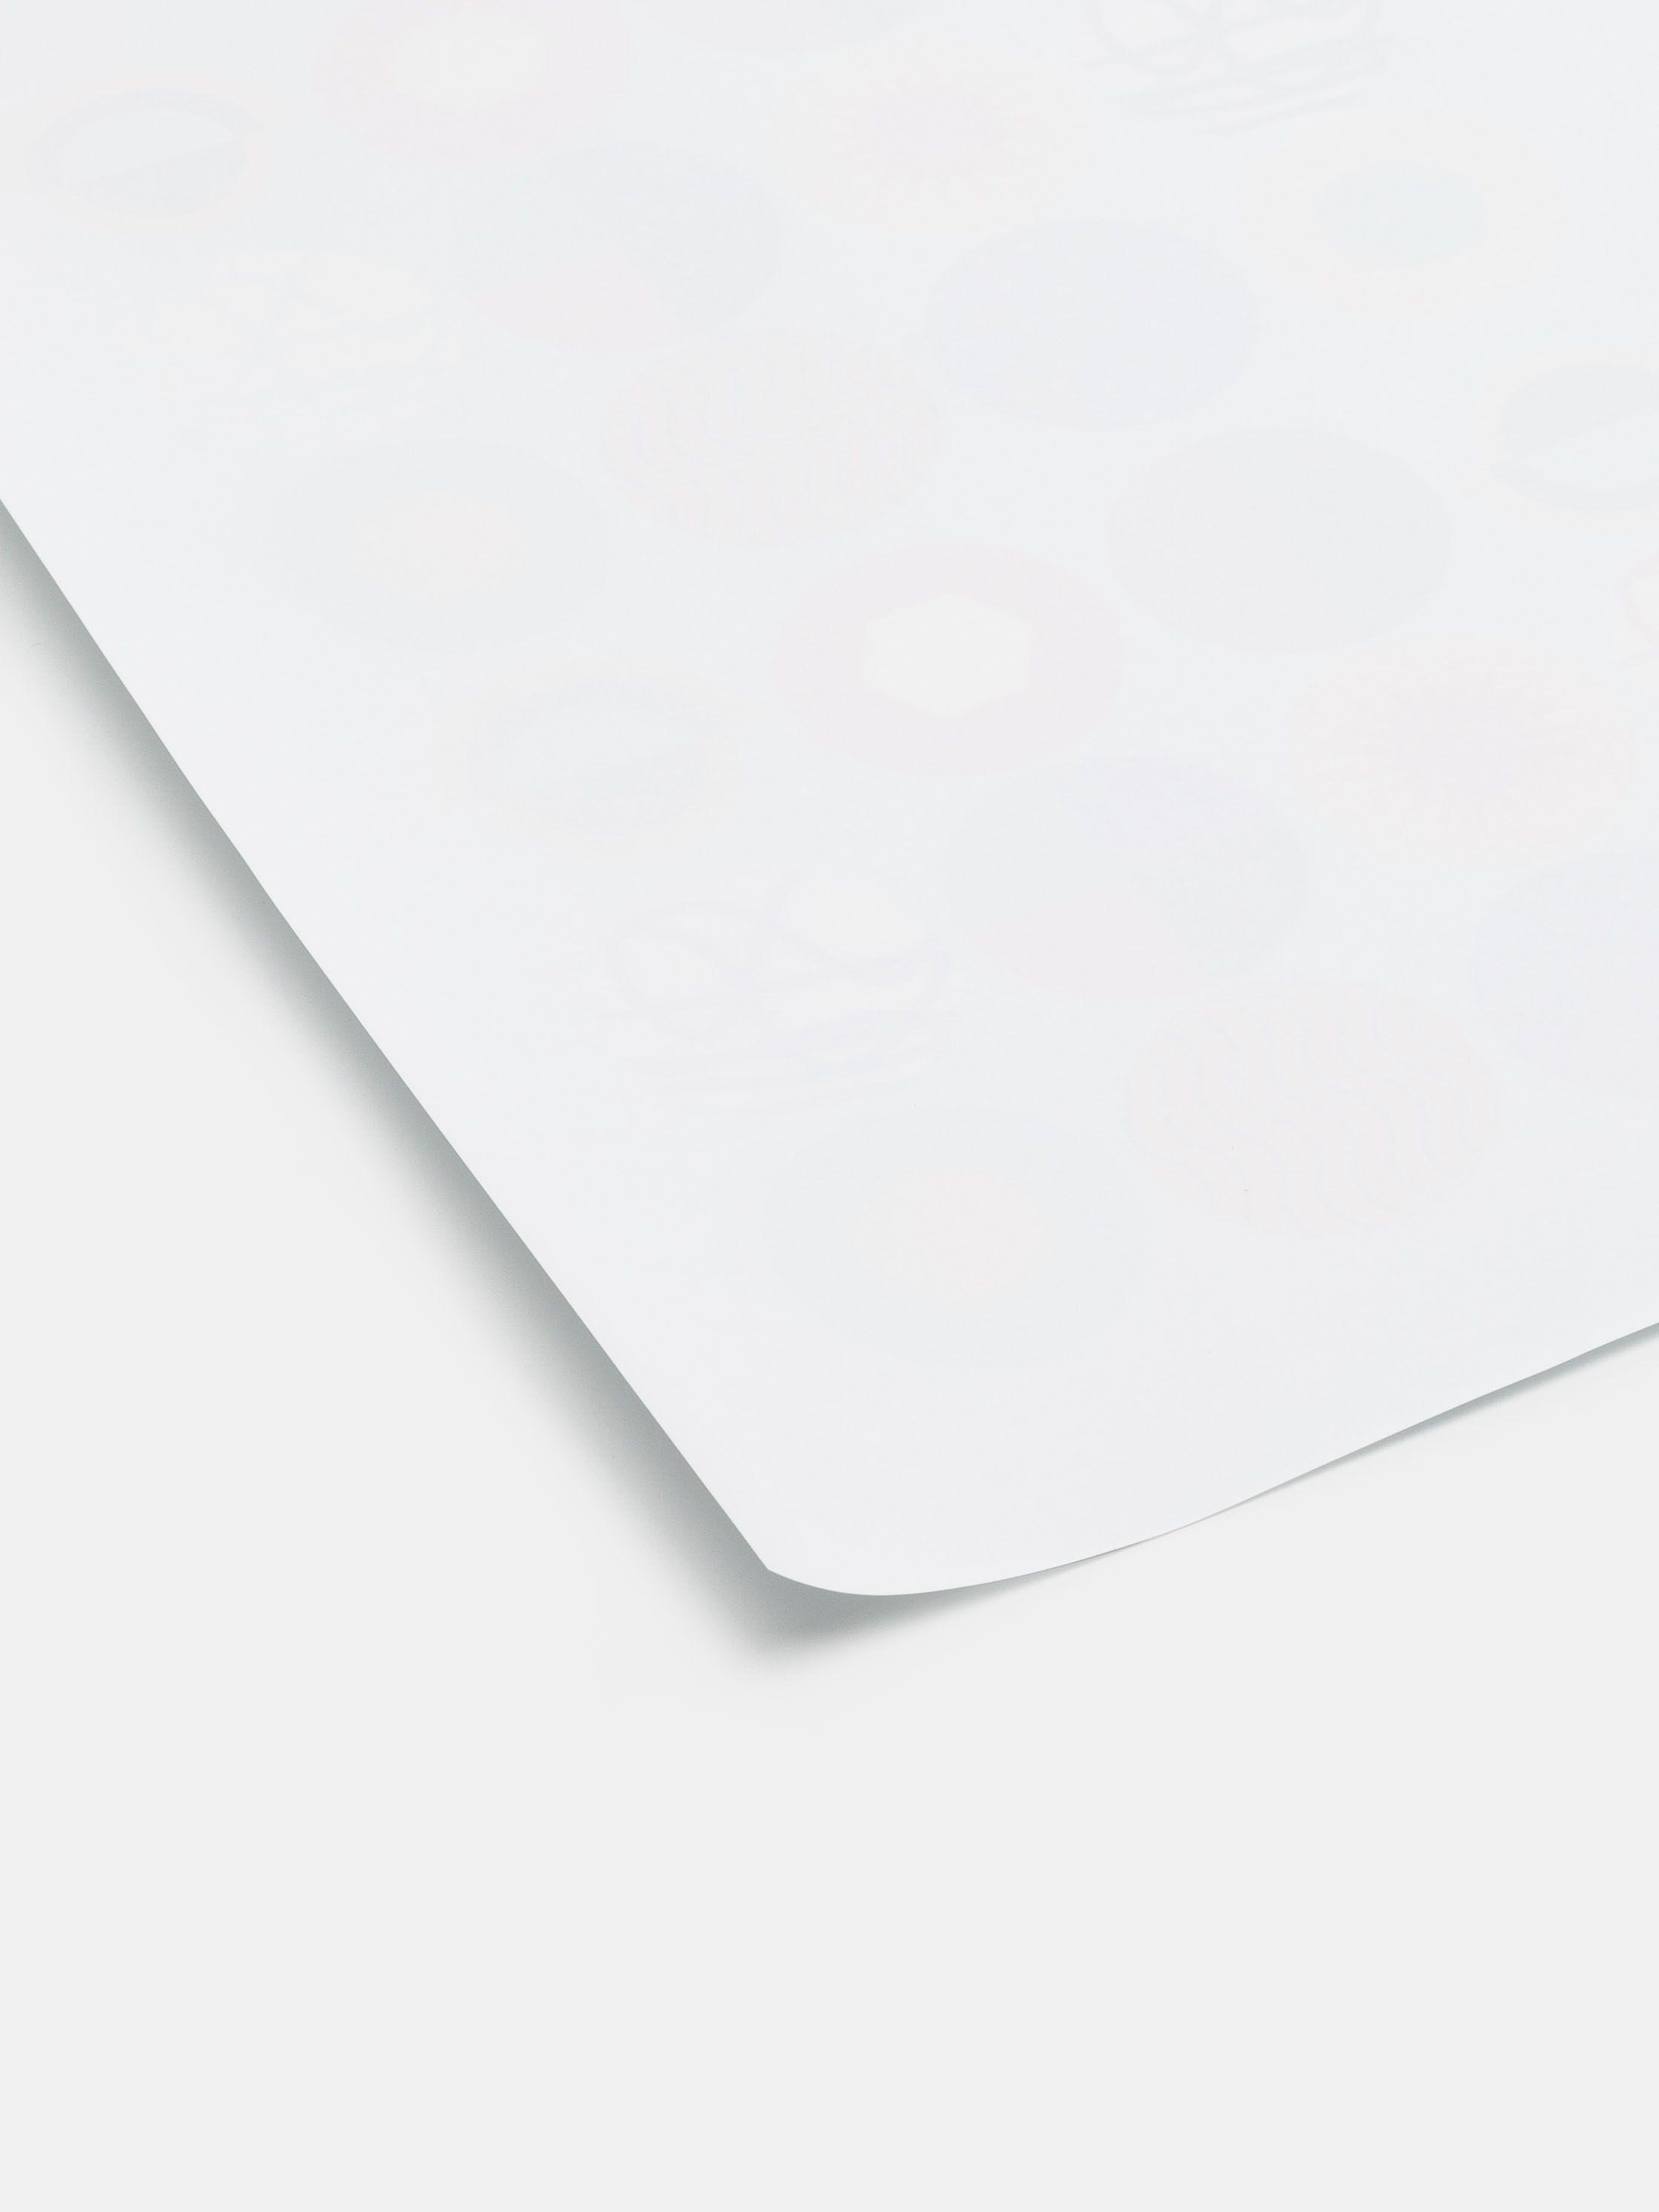 オリジナルデザイン ポスター カスタムプリント